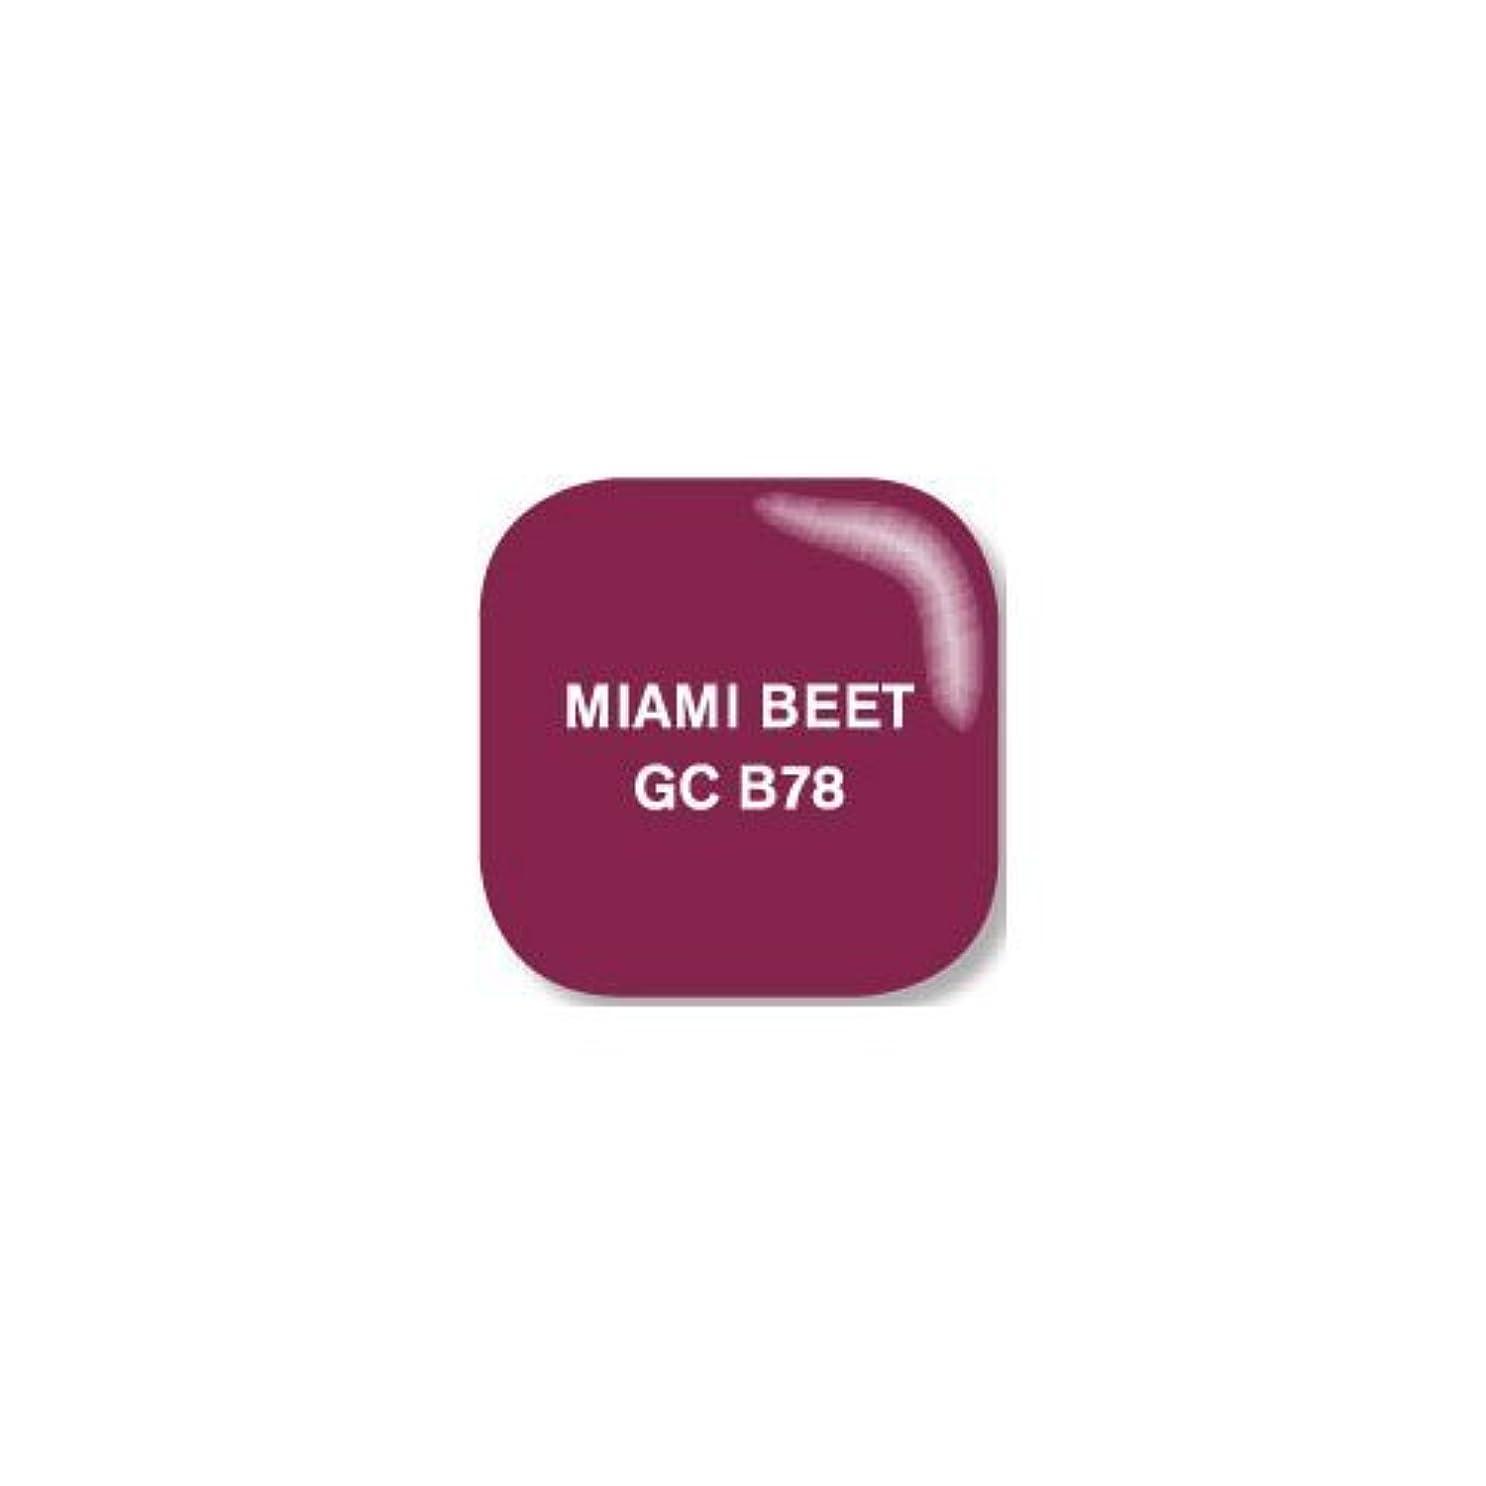 請求検索エンジンマーケティングビジュアルOpi O.P.I Gelcolor Collection Nail Gel Lacquer Miami Beet 0.5 Fluid Ounce by O.P.I